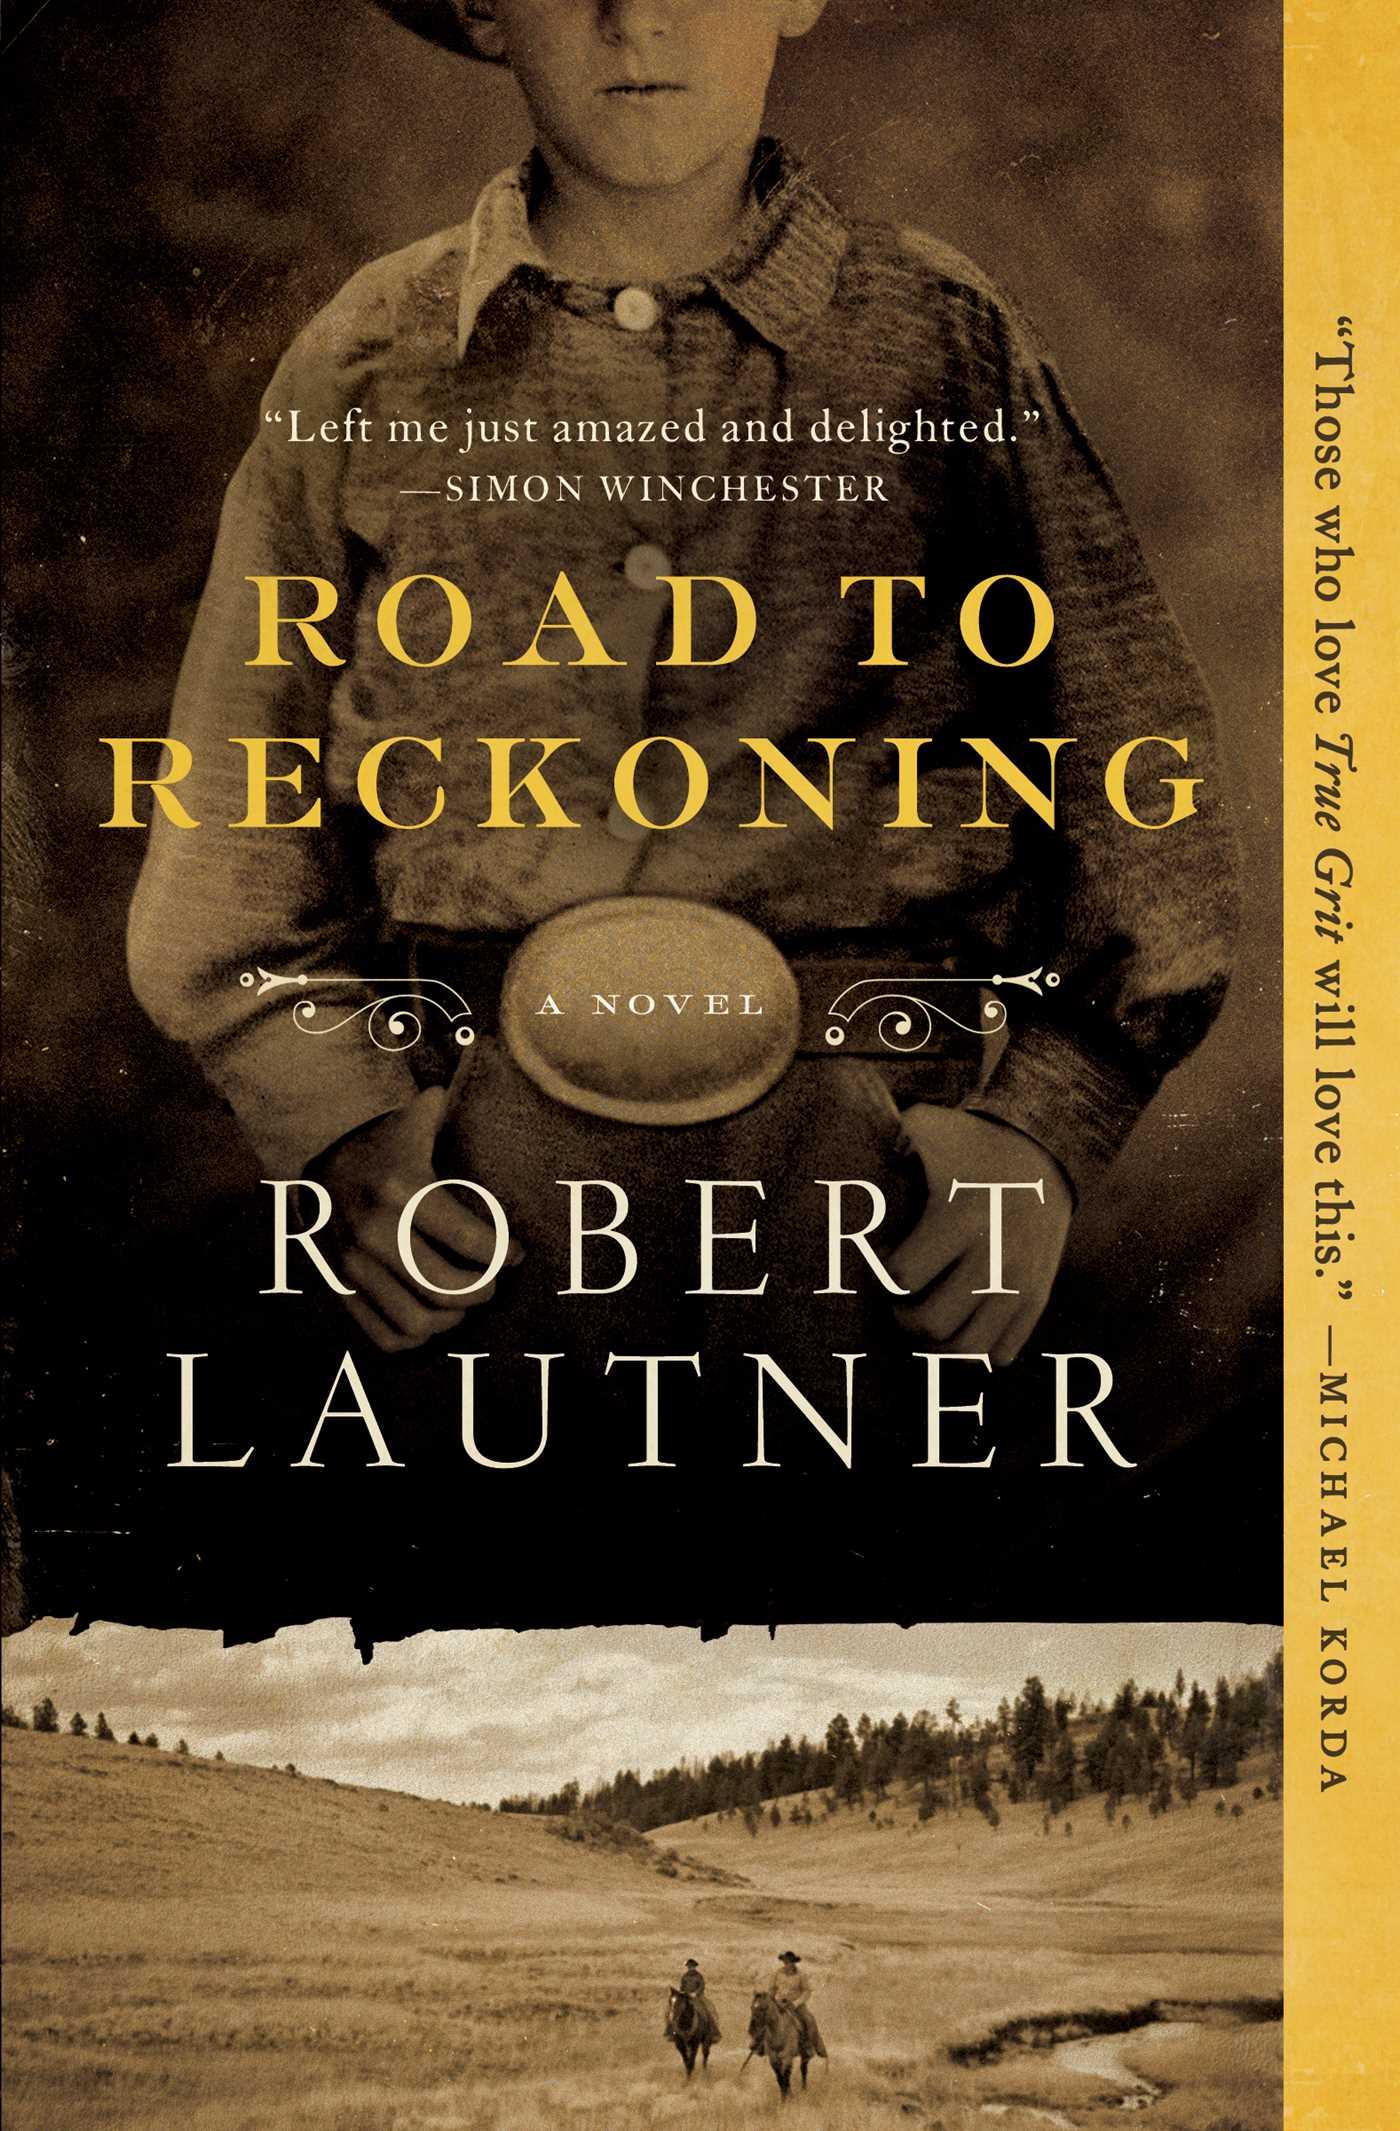 Road to reckoning 9781476731643 hr